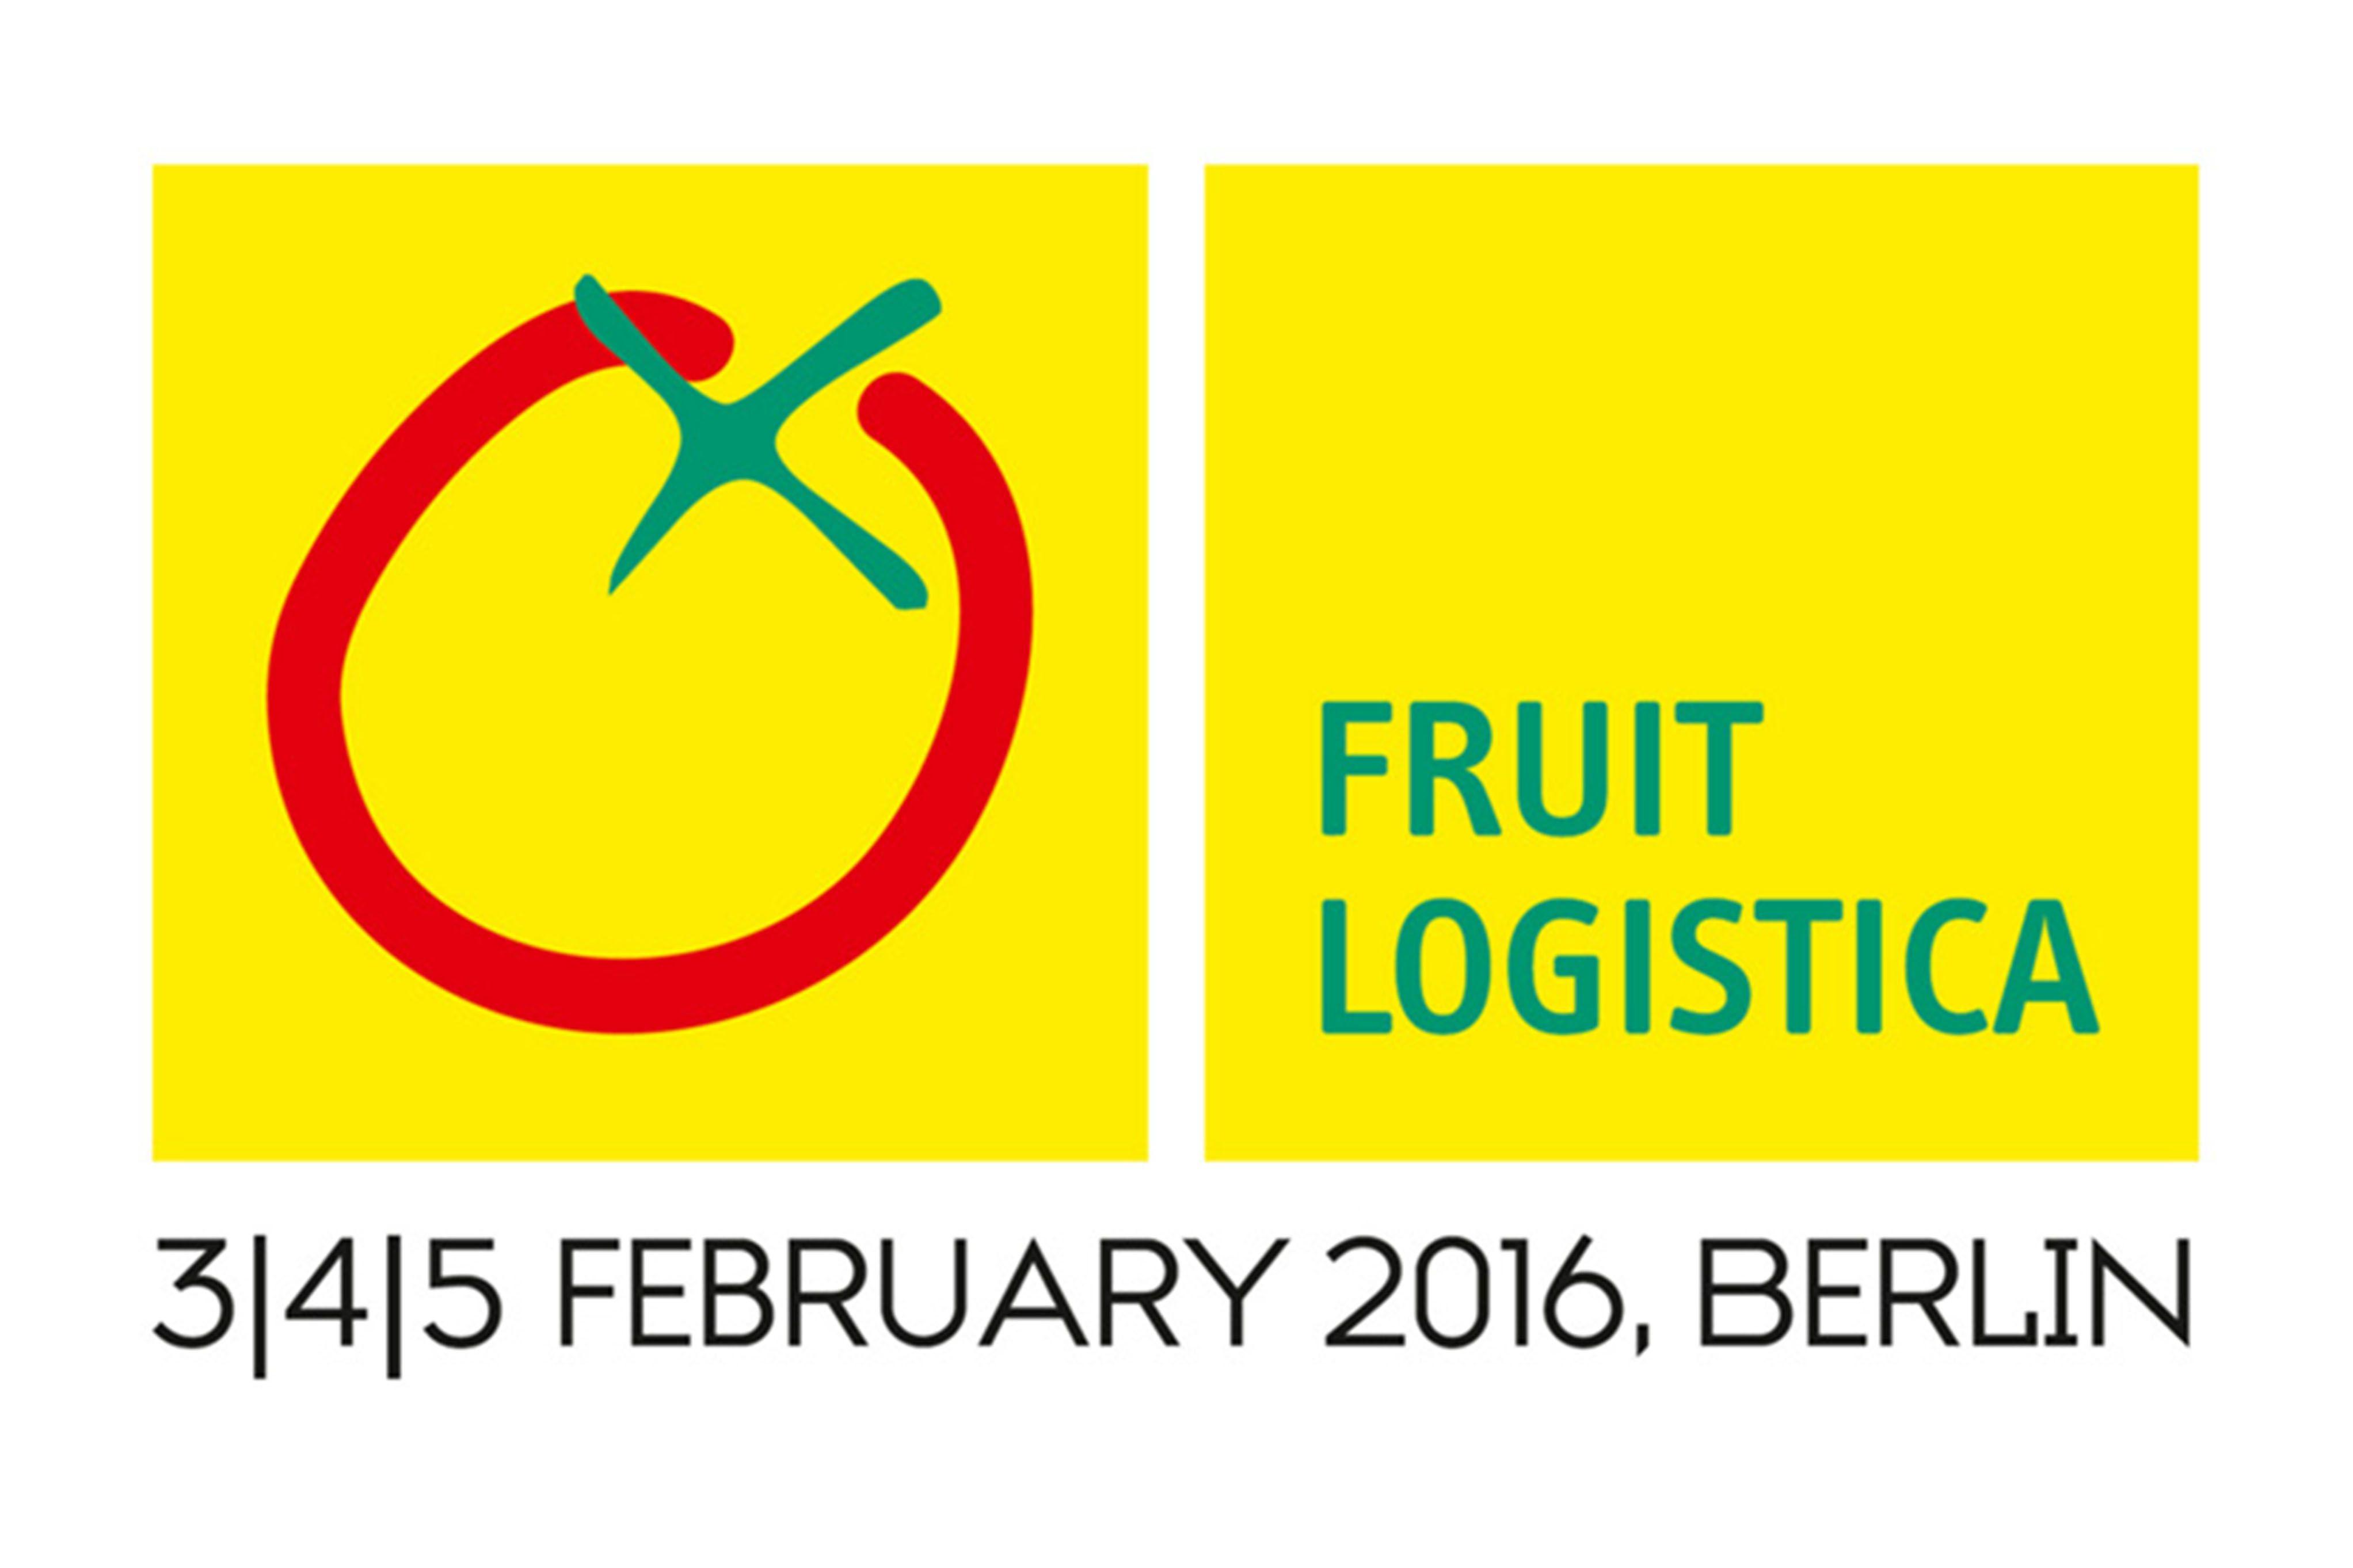 Fruit logística 2016